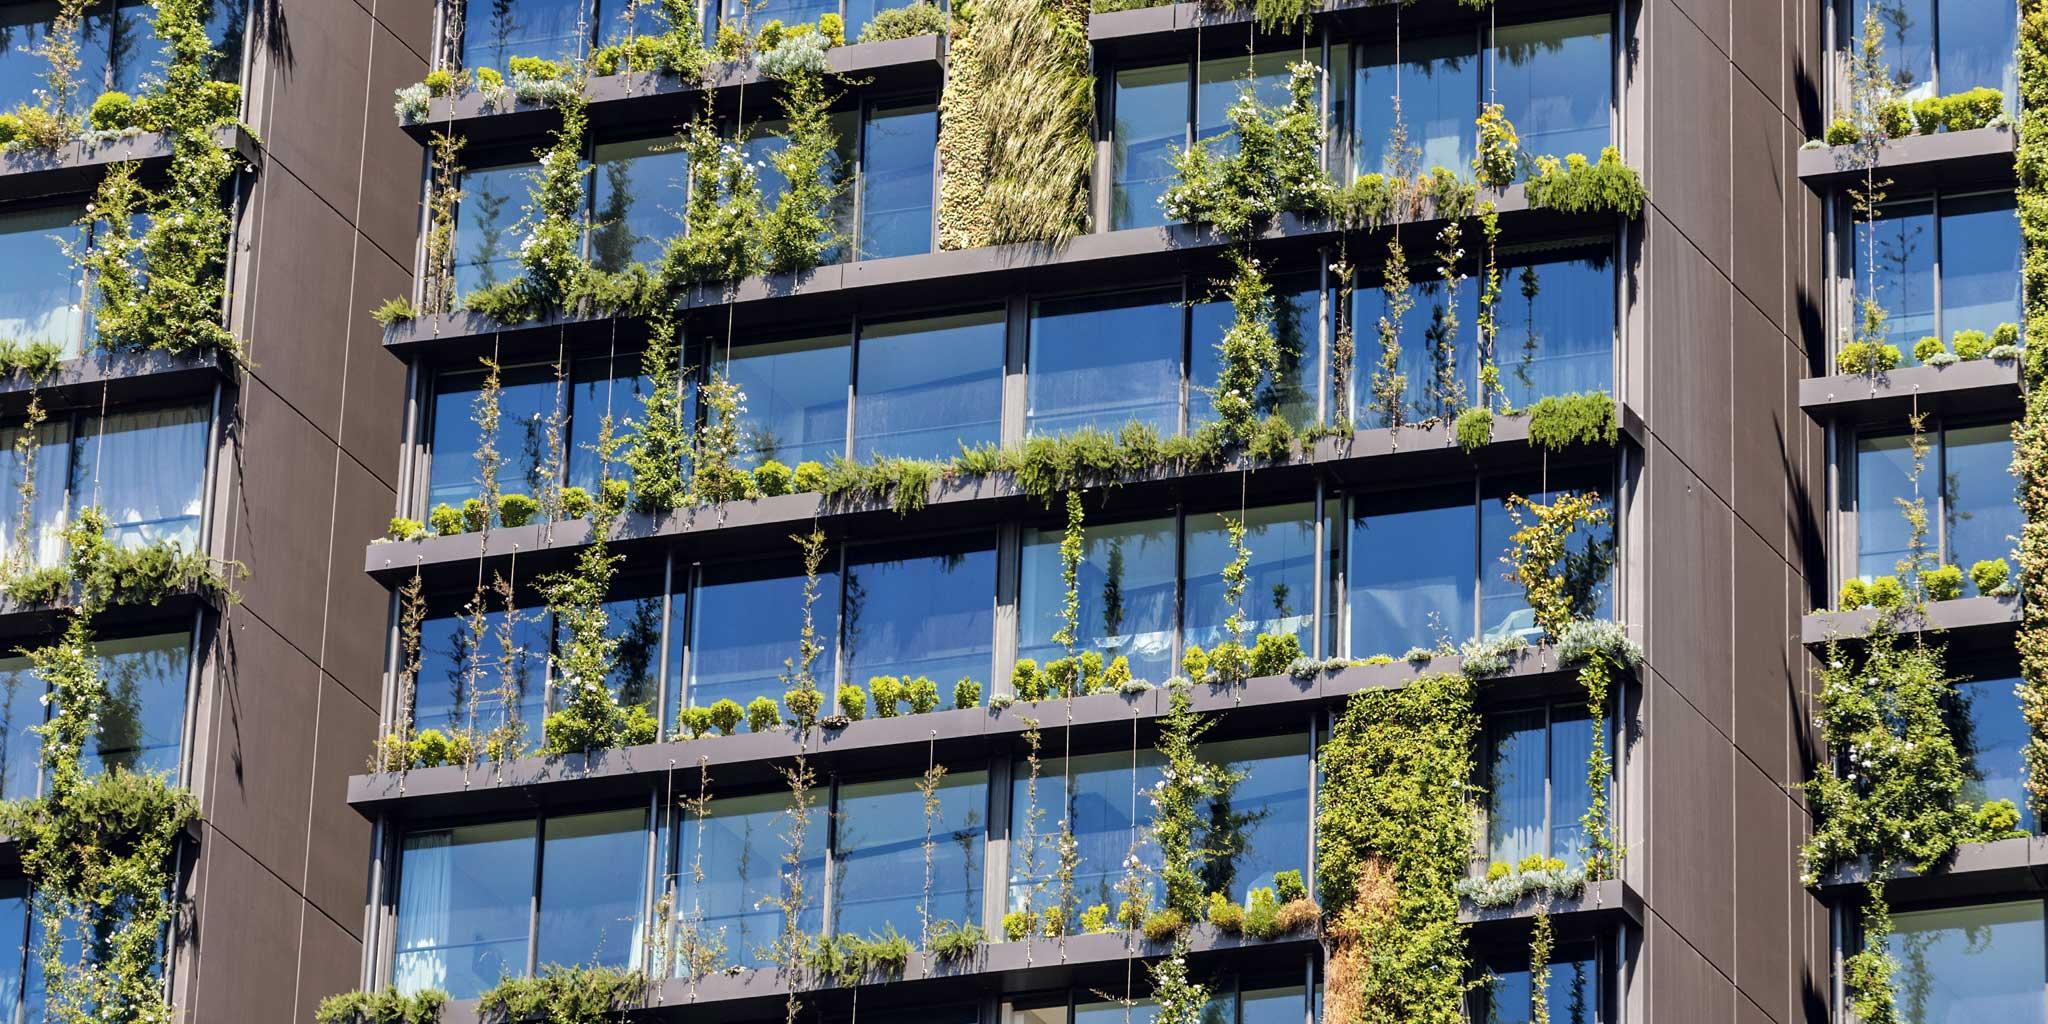 Appartementen met een groene wand